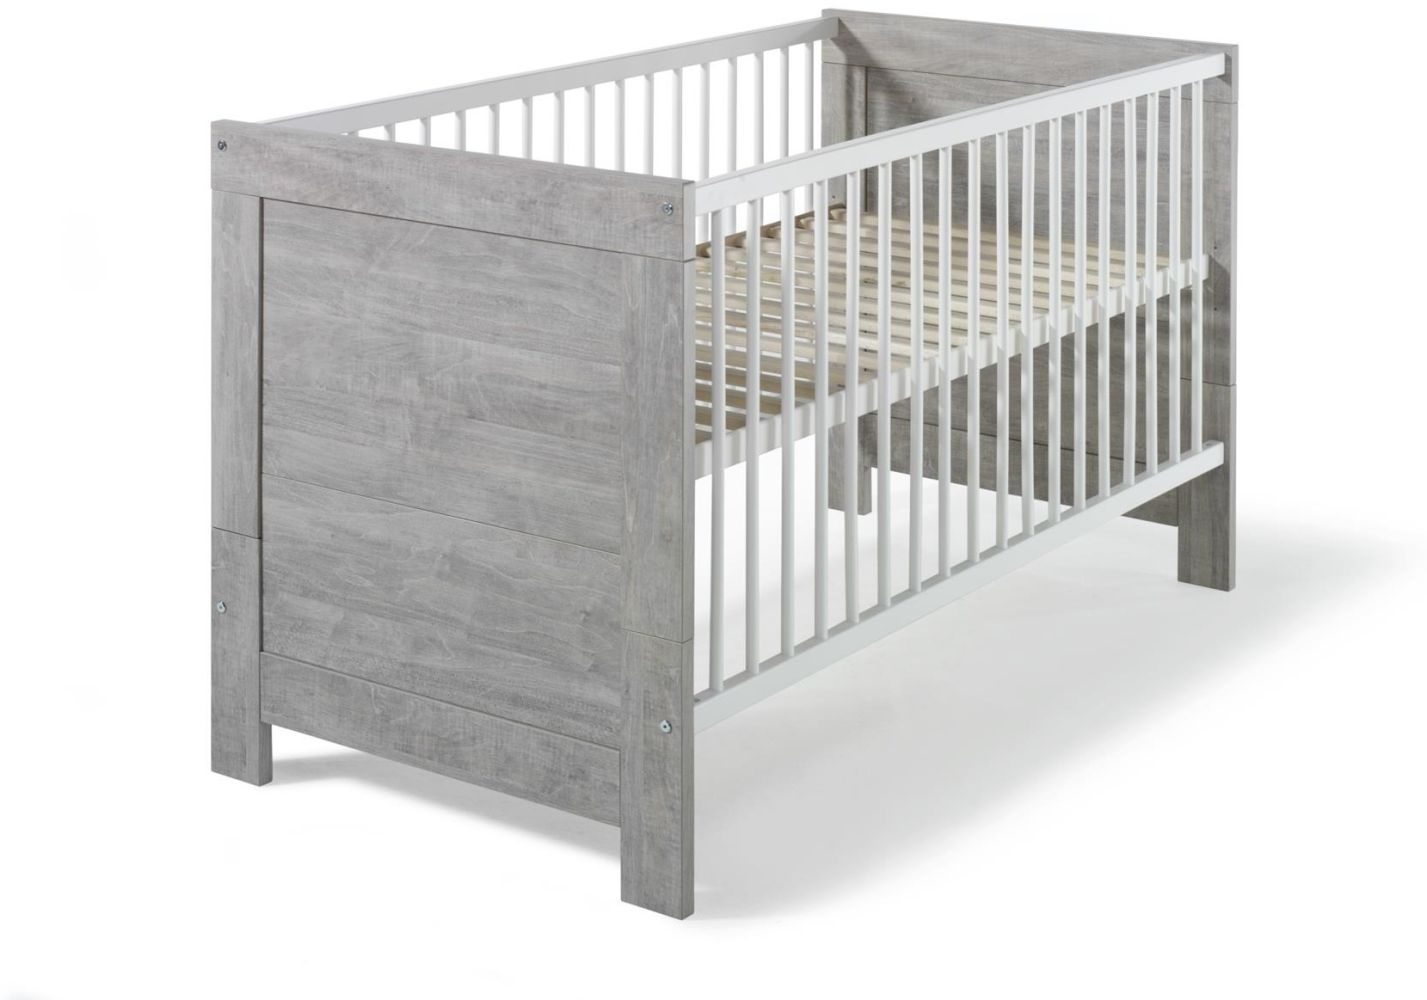 Nordic Driftwood Kombi-Kinderbett 70x140 cm Bild 1